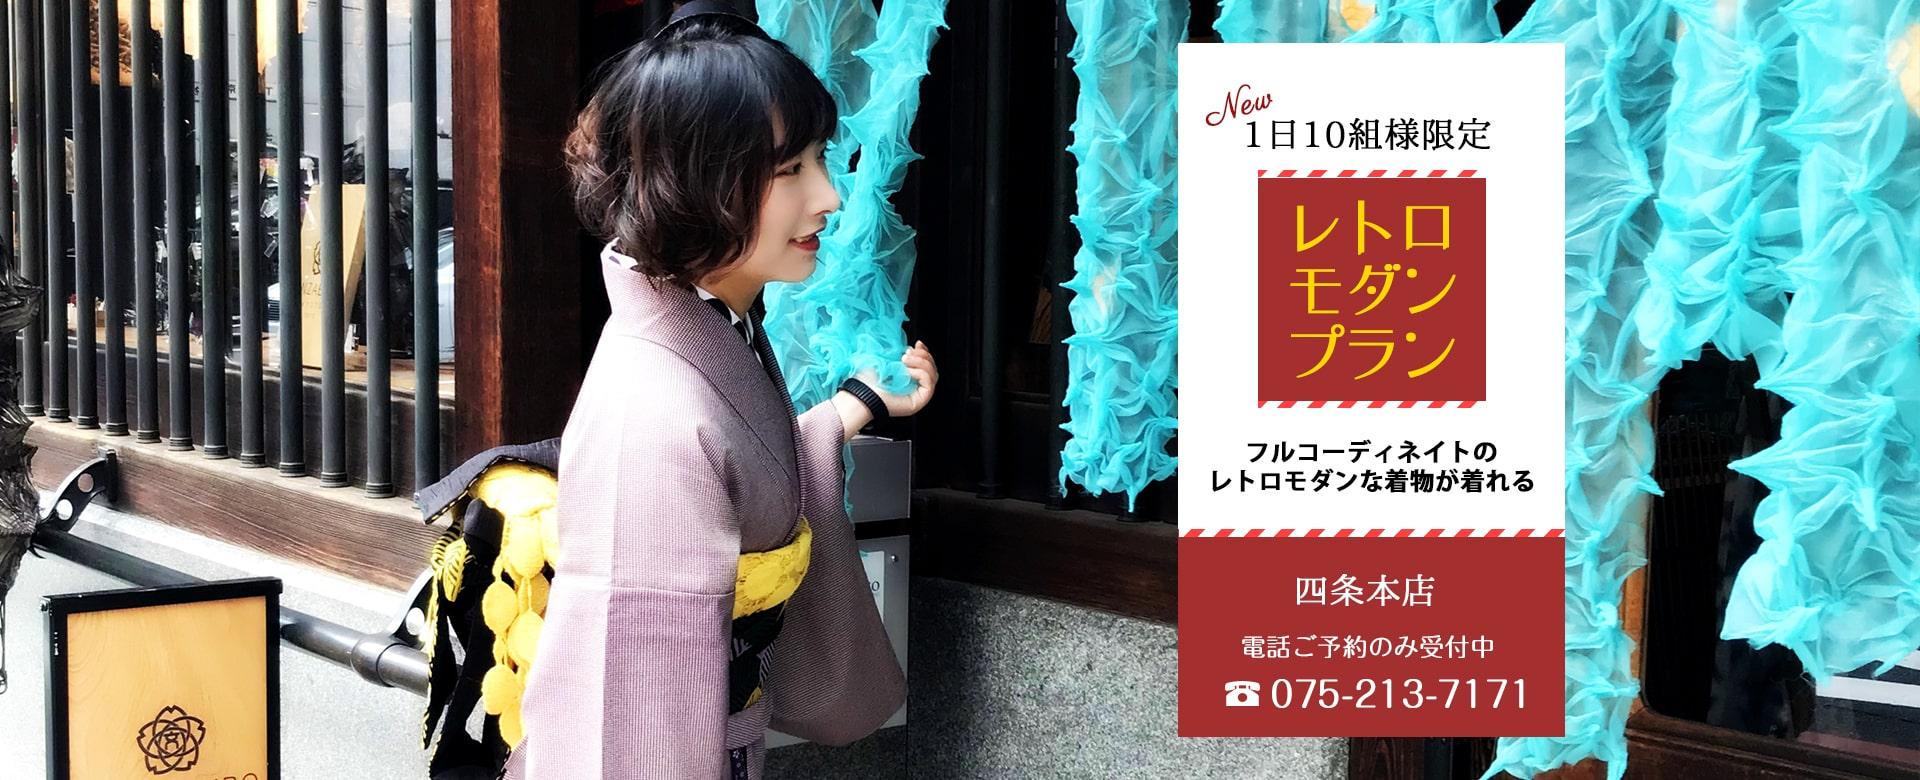 1日10組限定レトロモダンプラン四条本店